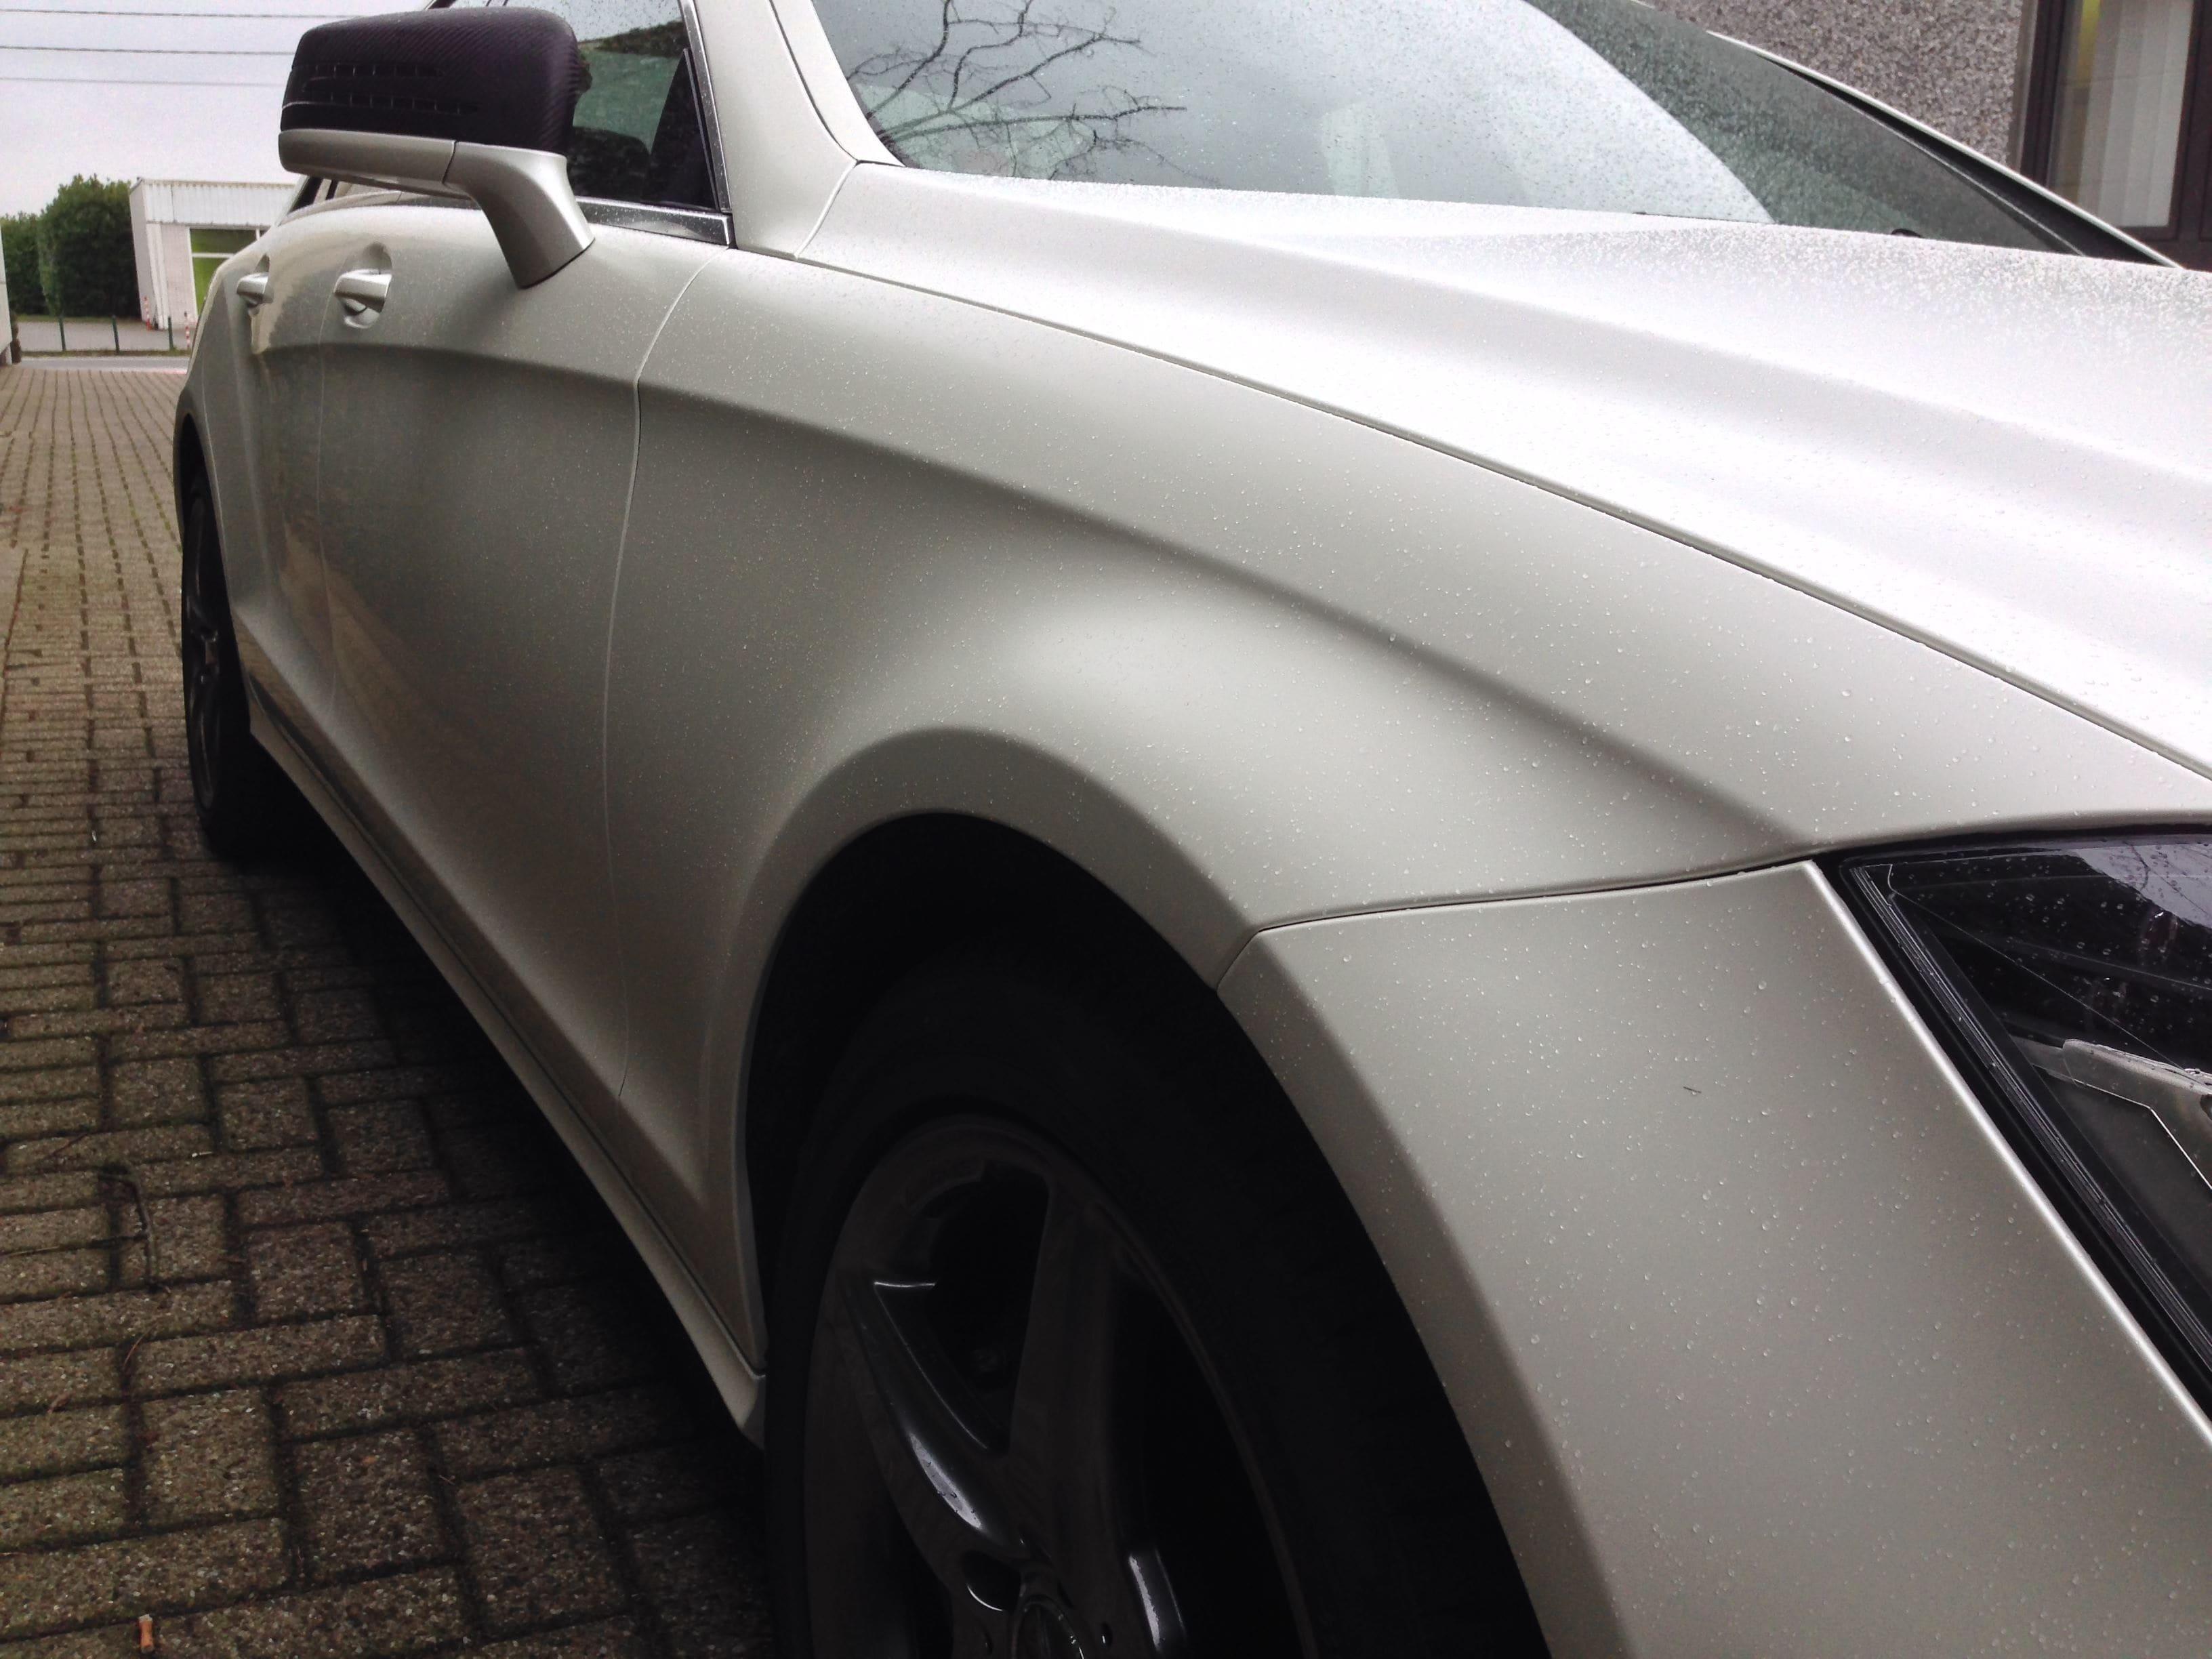 Mercedes CLS met White Satin Pearl Wrap, Carwrapping door Wrapmyride.nu Foto-nr:6209, ©2021